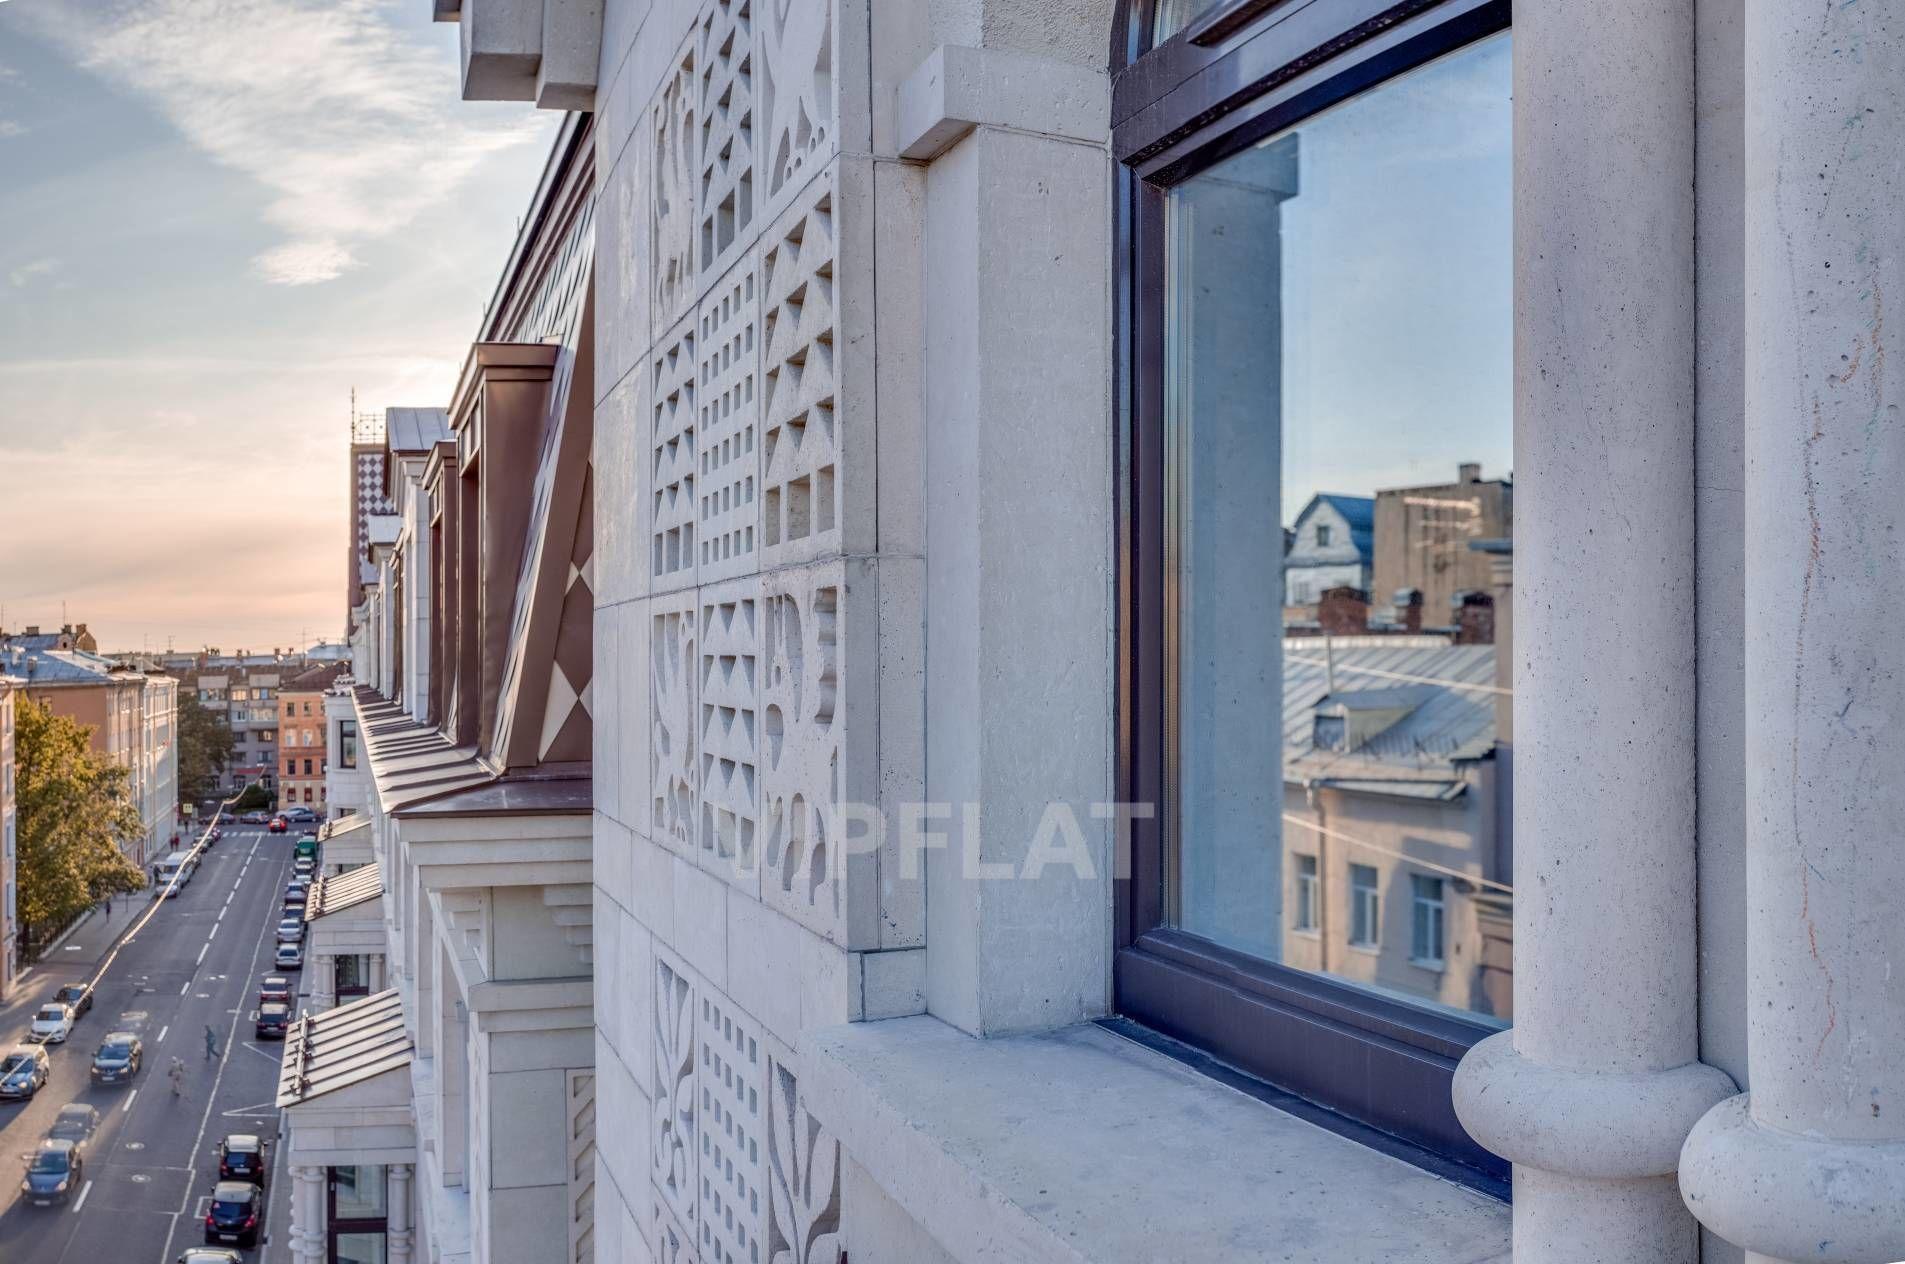 Продажа элитных квартир Санкт-Петербурга. Басков пер., 2 В отражении окон